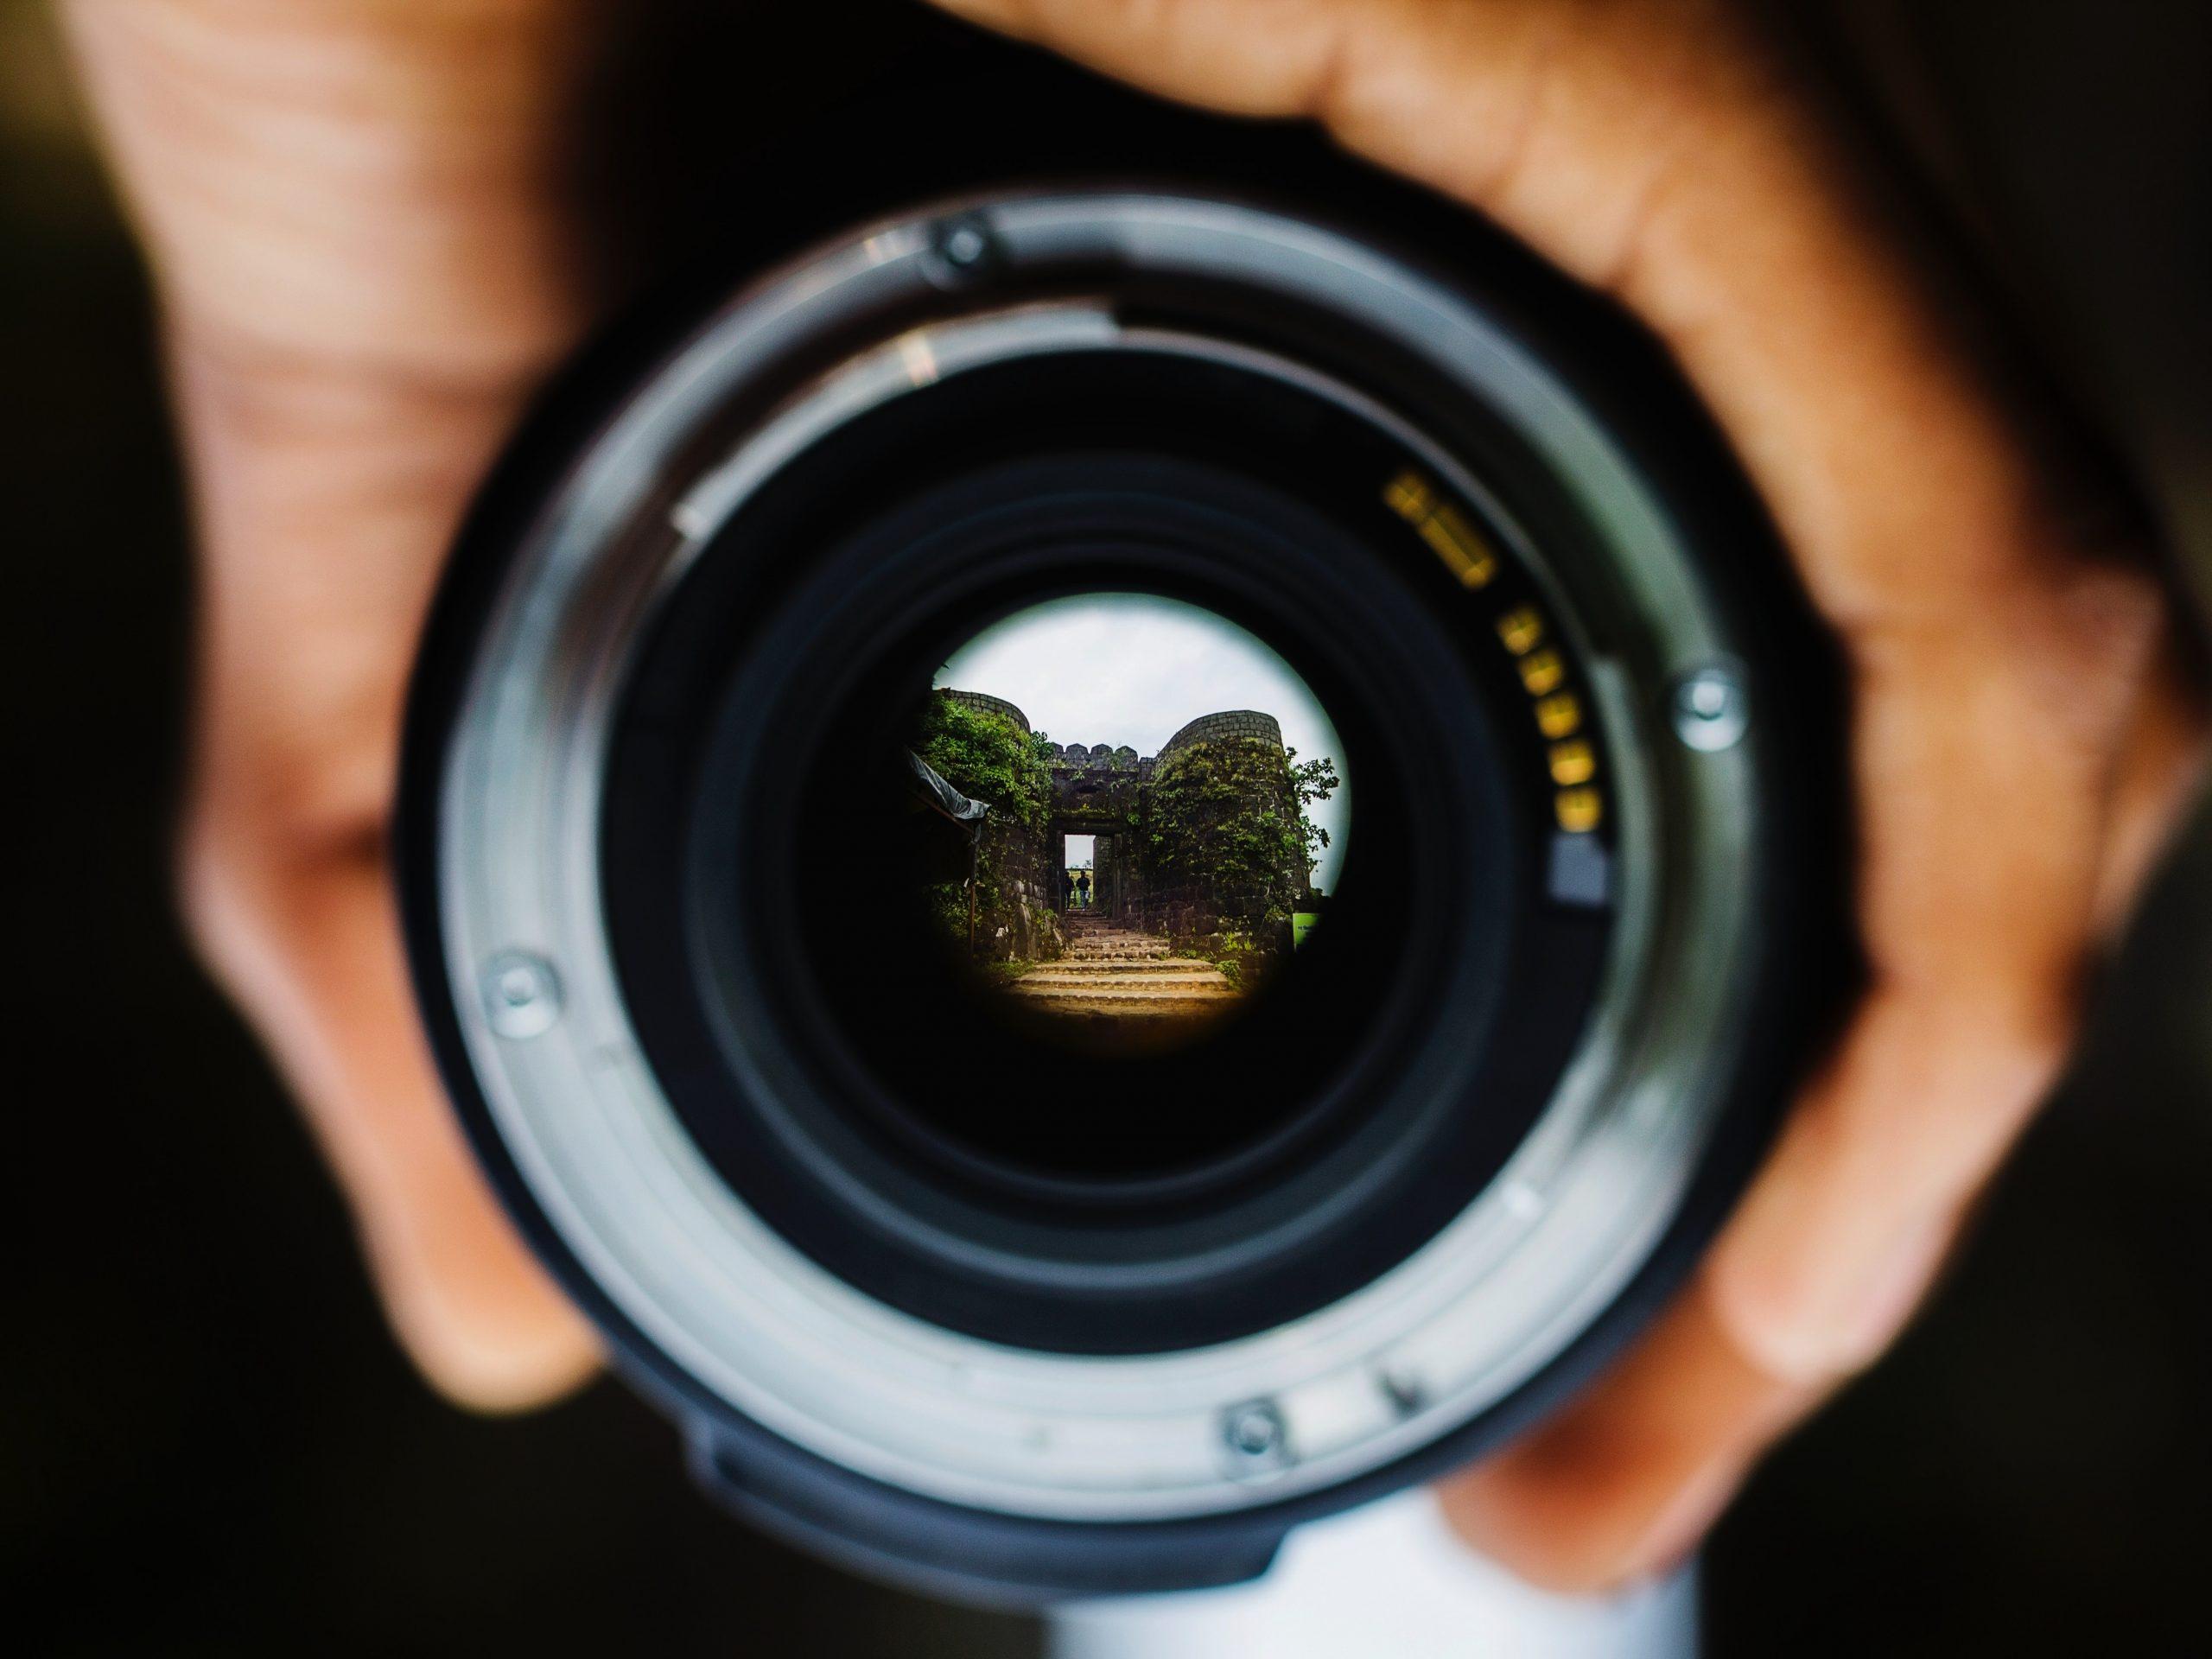 Hvordan adskiller erhvervsfoto sig fra andre typer af fotografi?